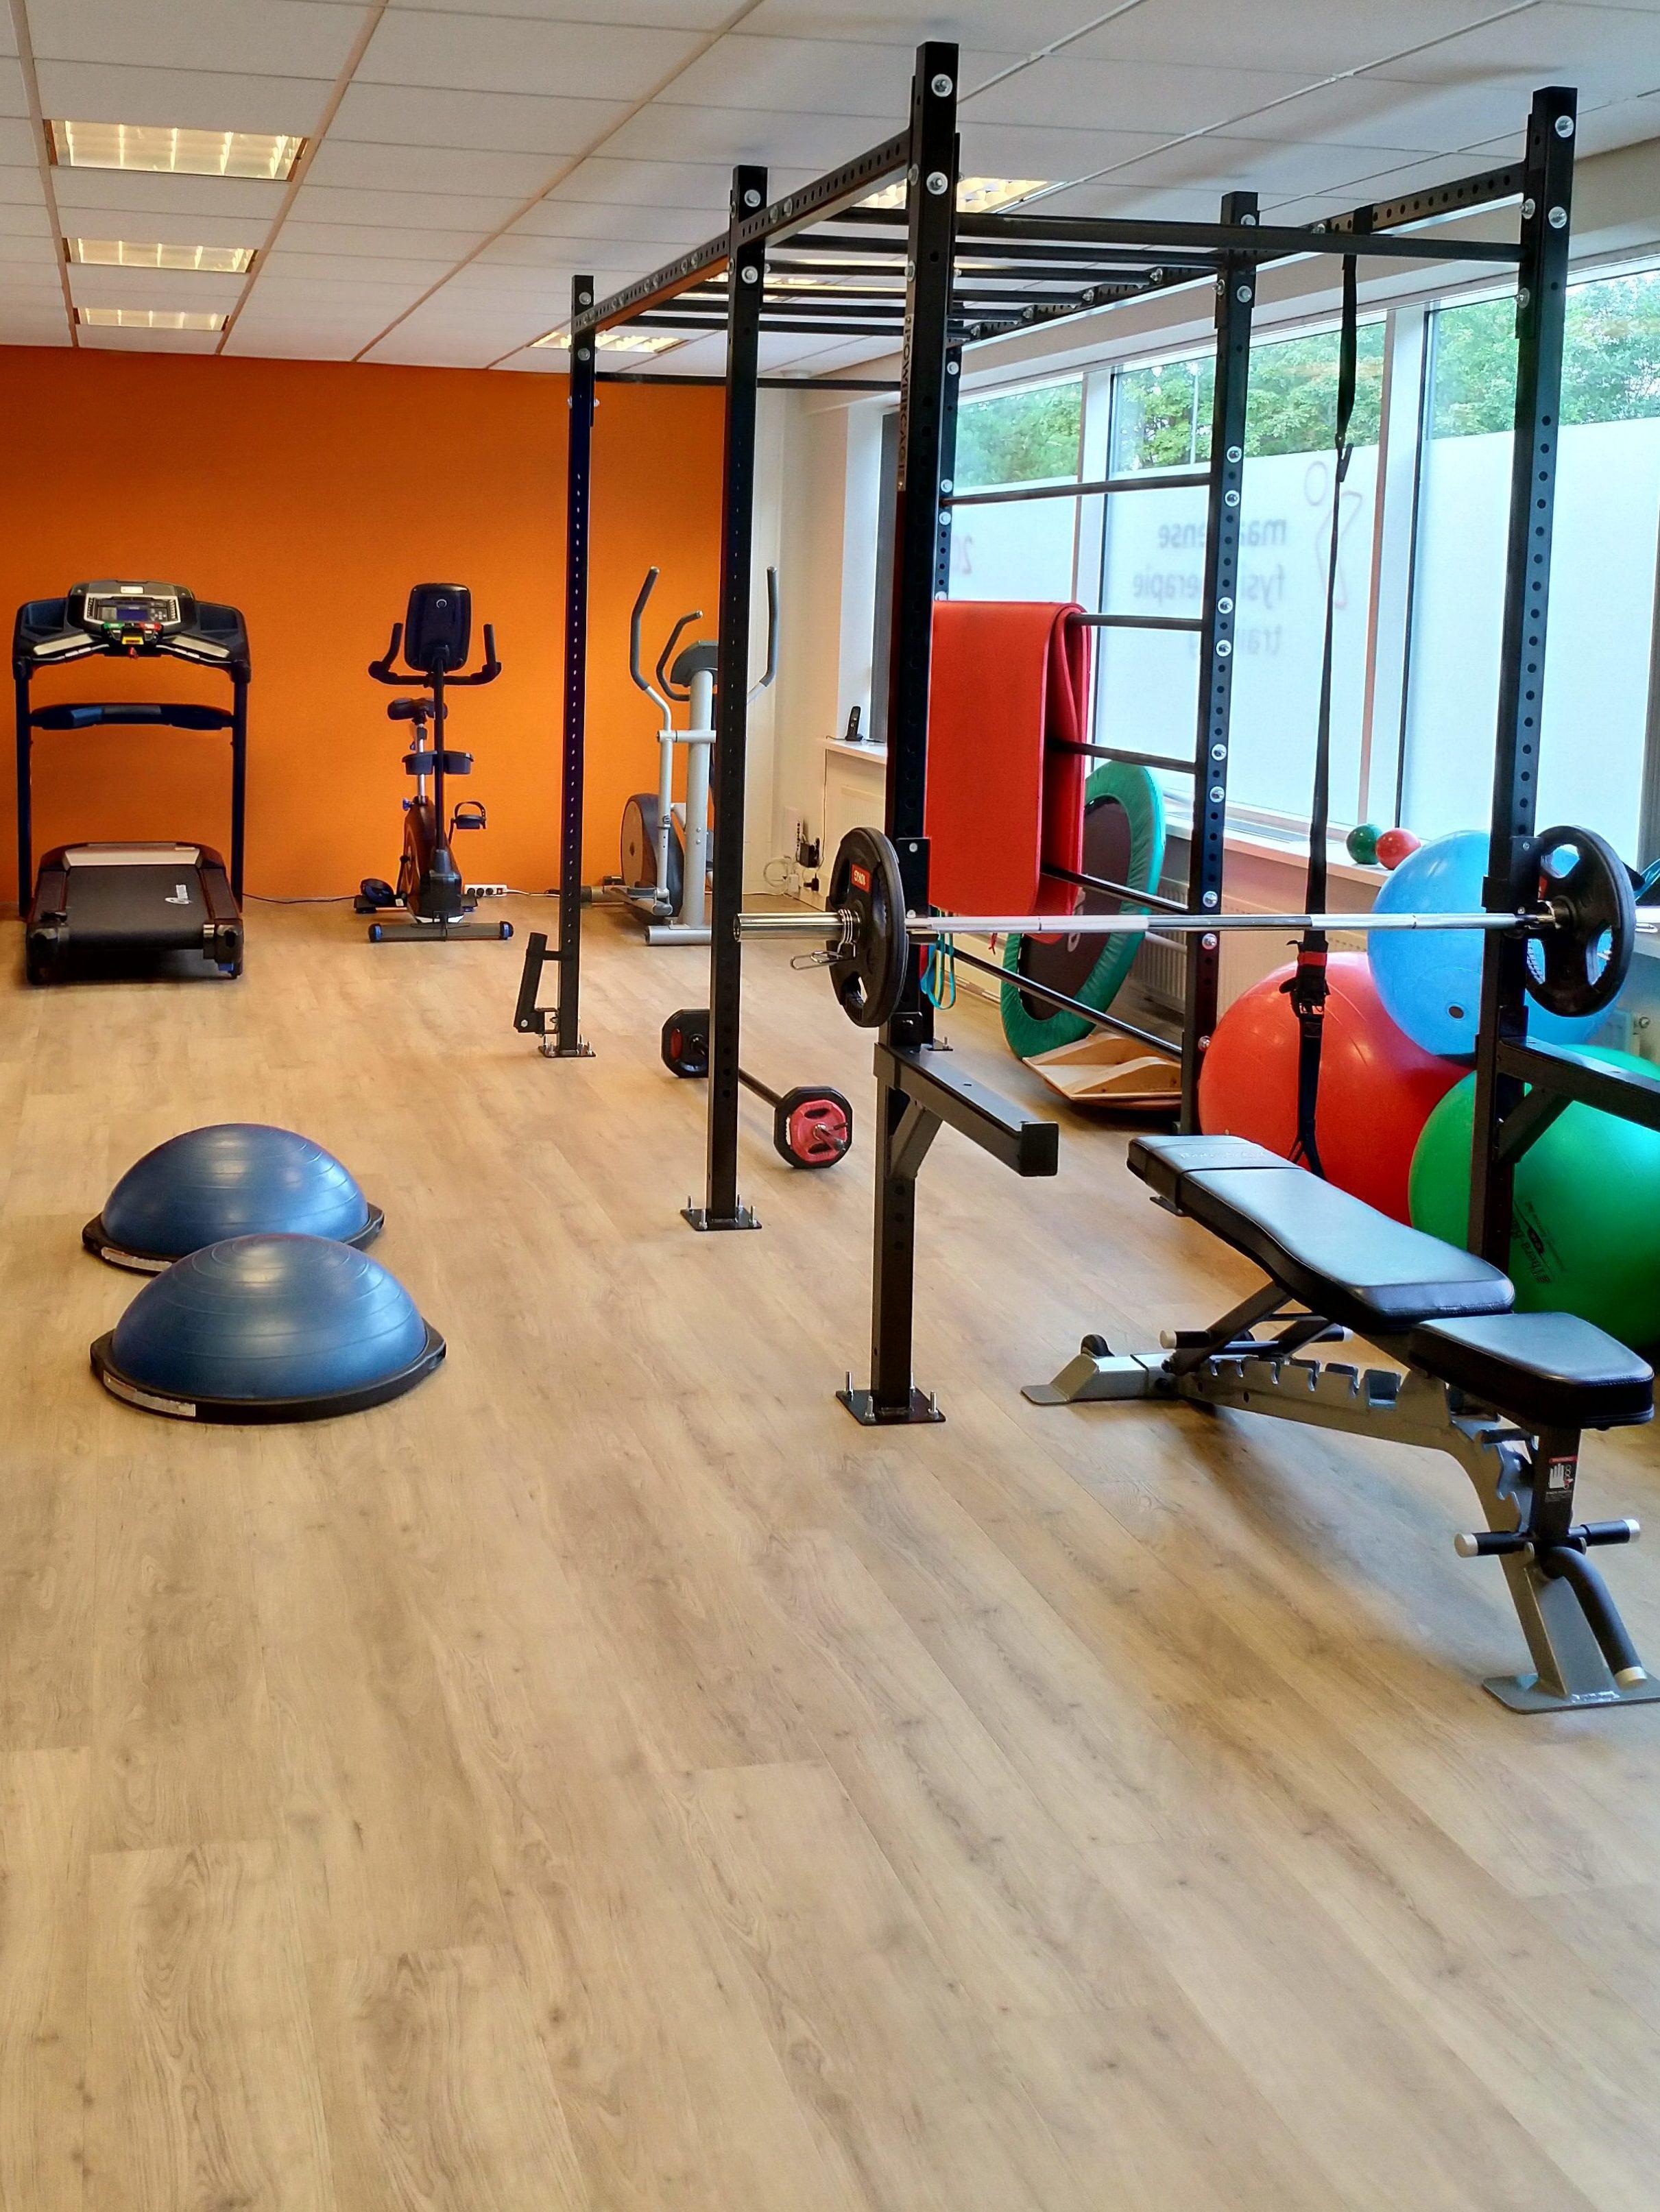 Maartense Fysiotherapie & Training